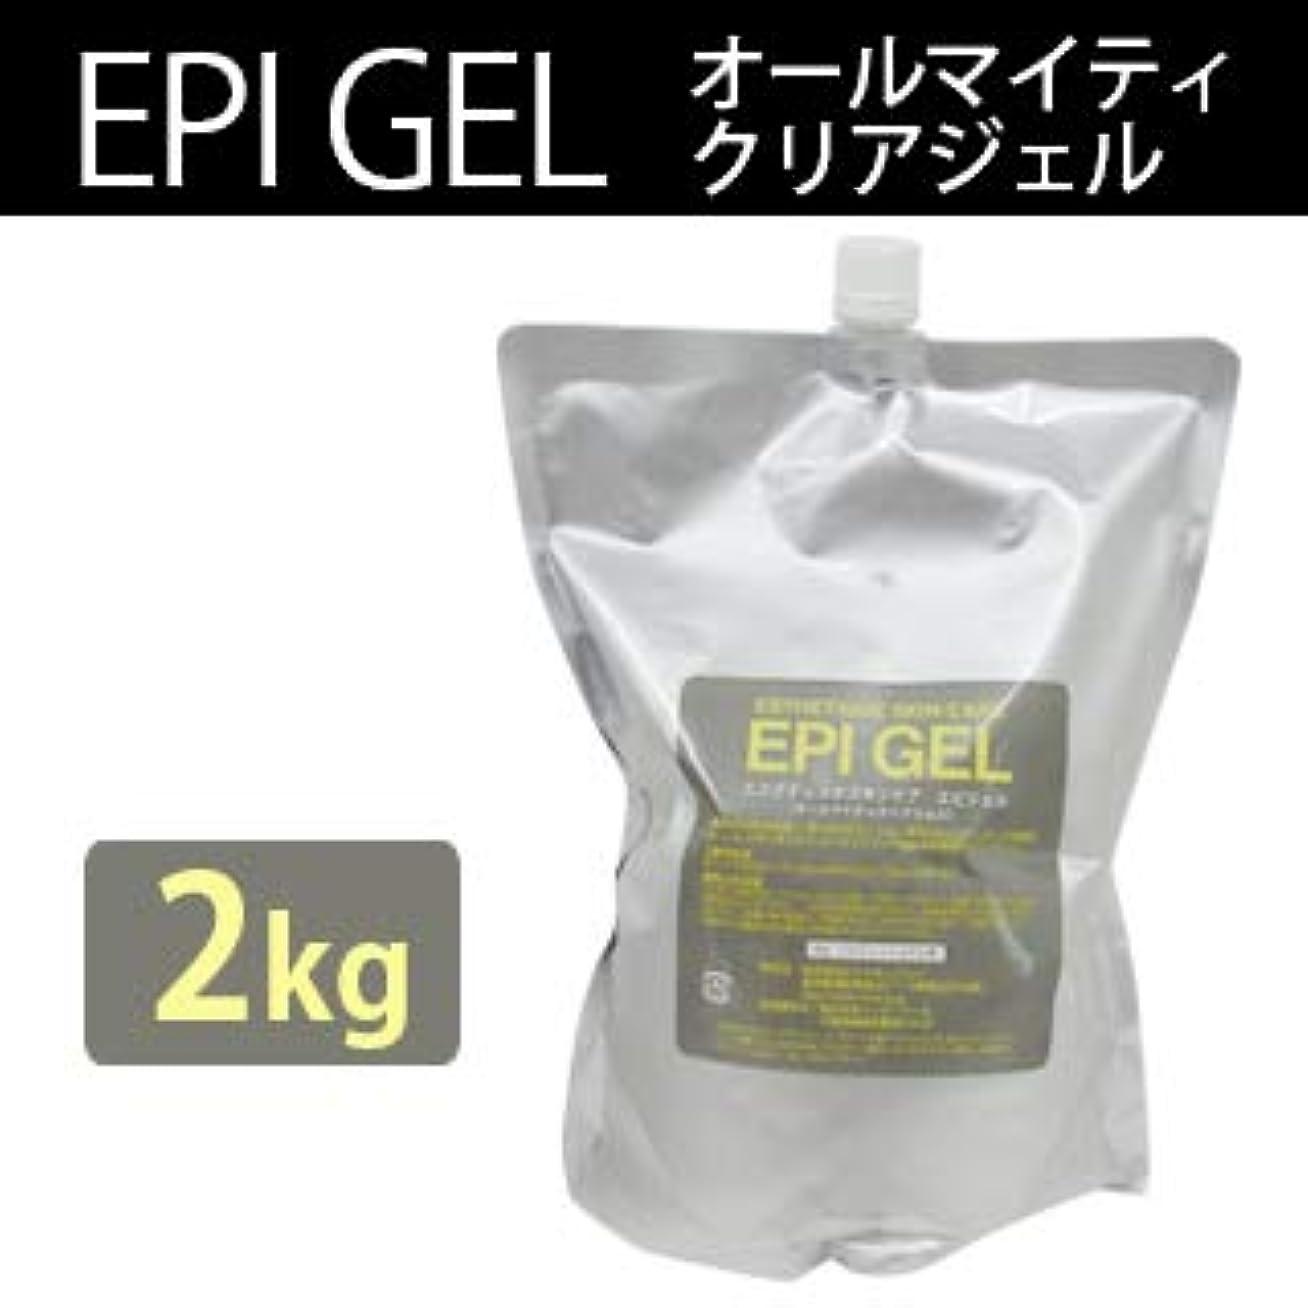 料理をするやがて冷淡なエステティック スキンケア エピジェル 2kg クリアジェル (1個)